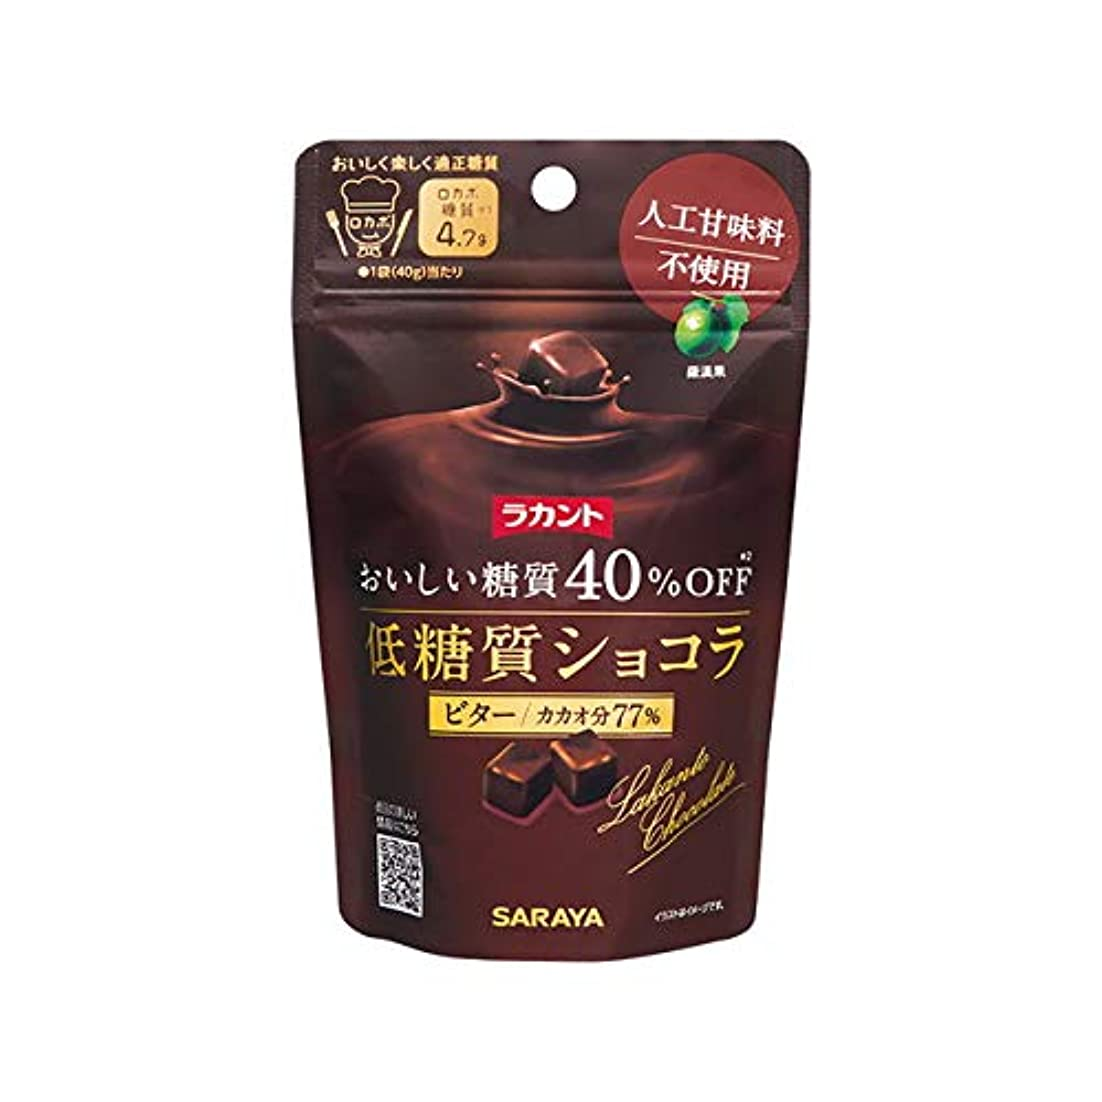 テクスチャー怠阻害するサラヤ ラカント ショコラビター 40g【5個セット】